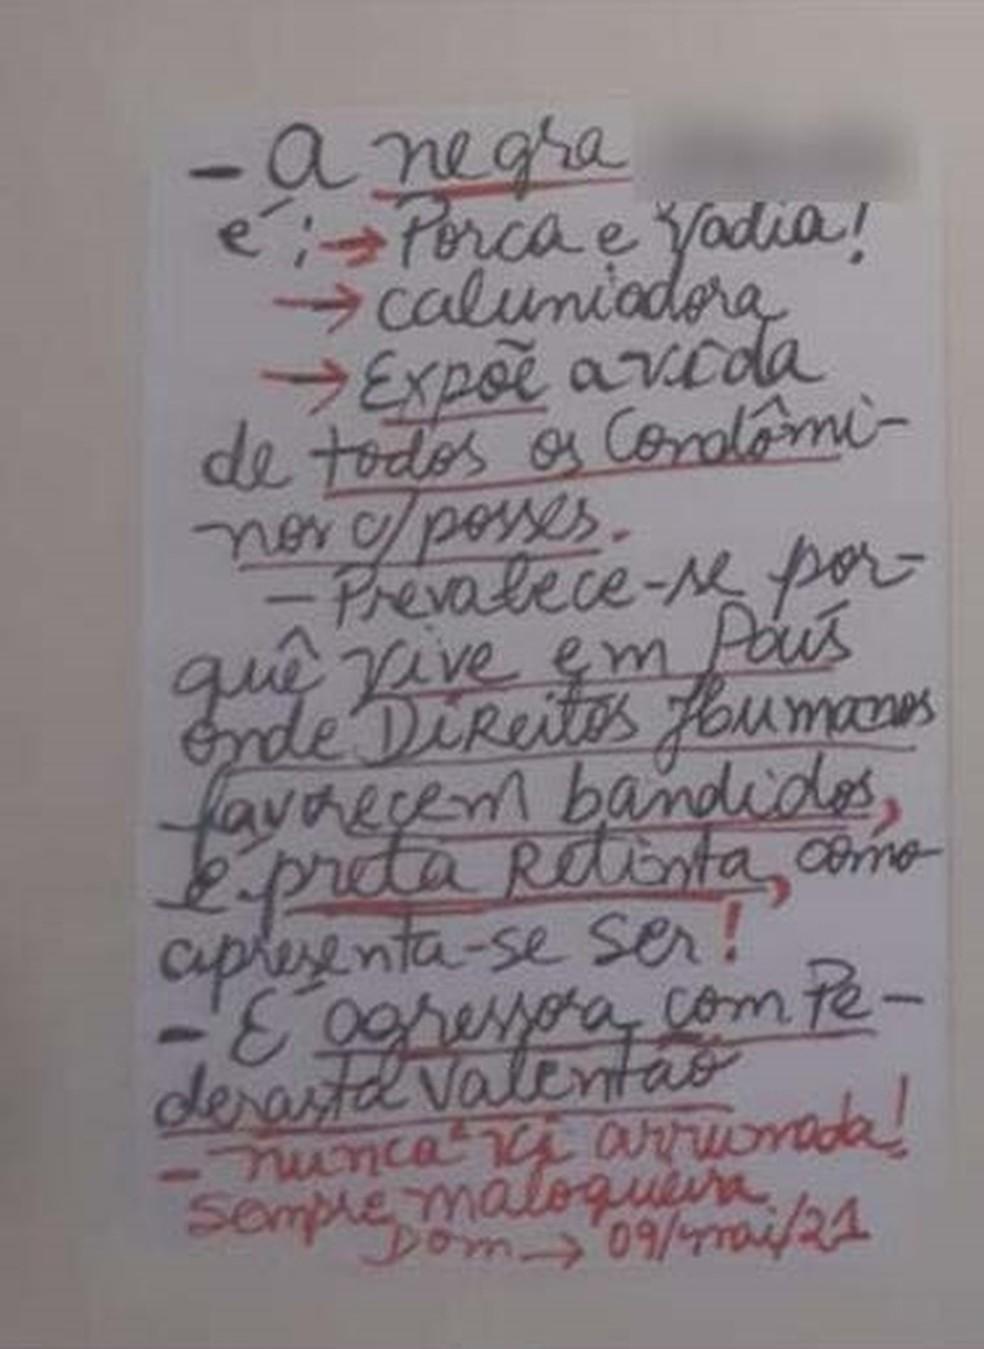 Nutricionista colou nova ofensa racista contra vizinha em Santos, SP — Foto: Arquivo pessoal